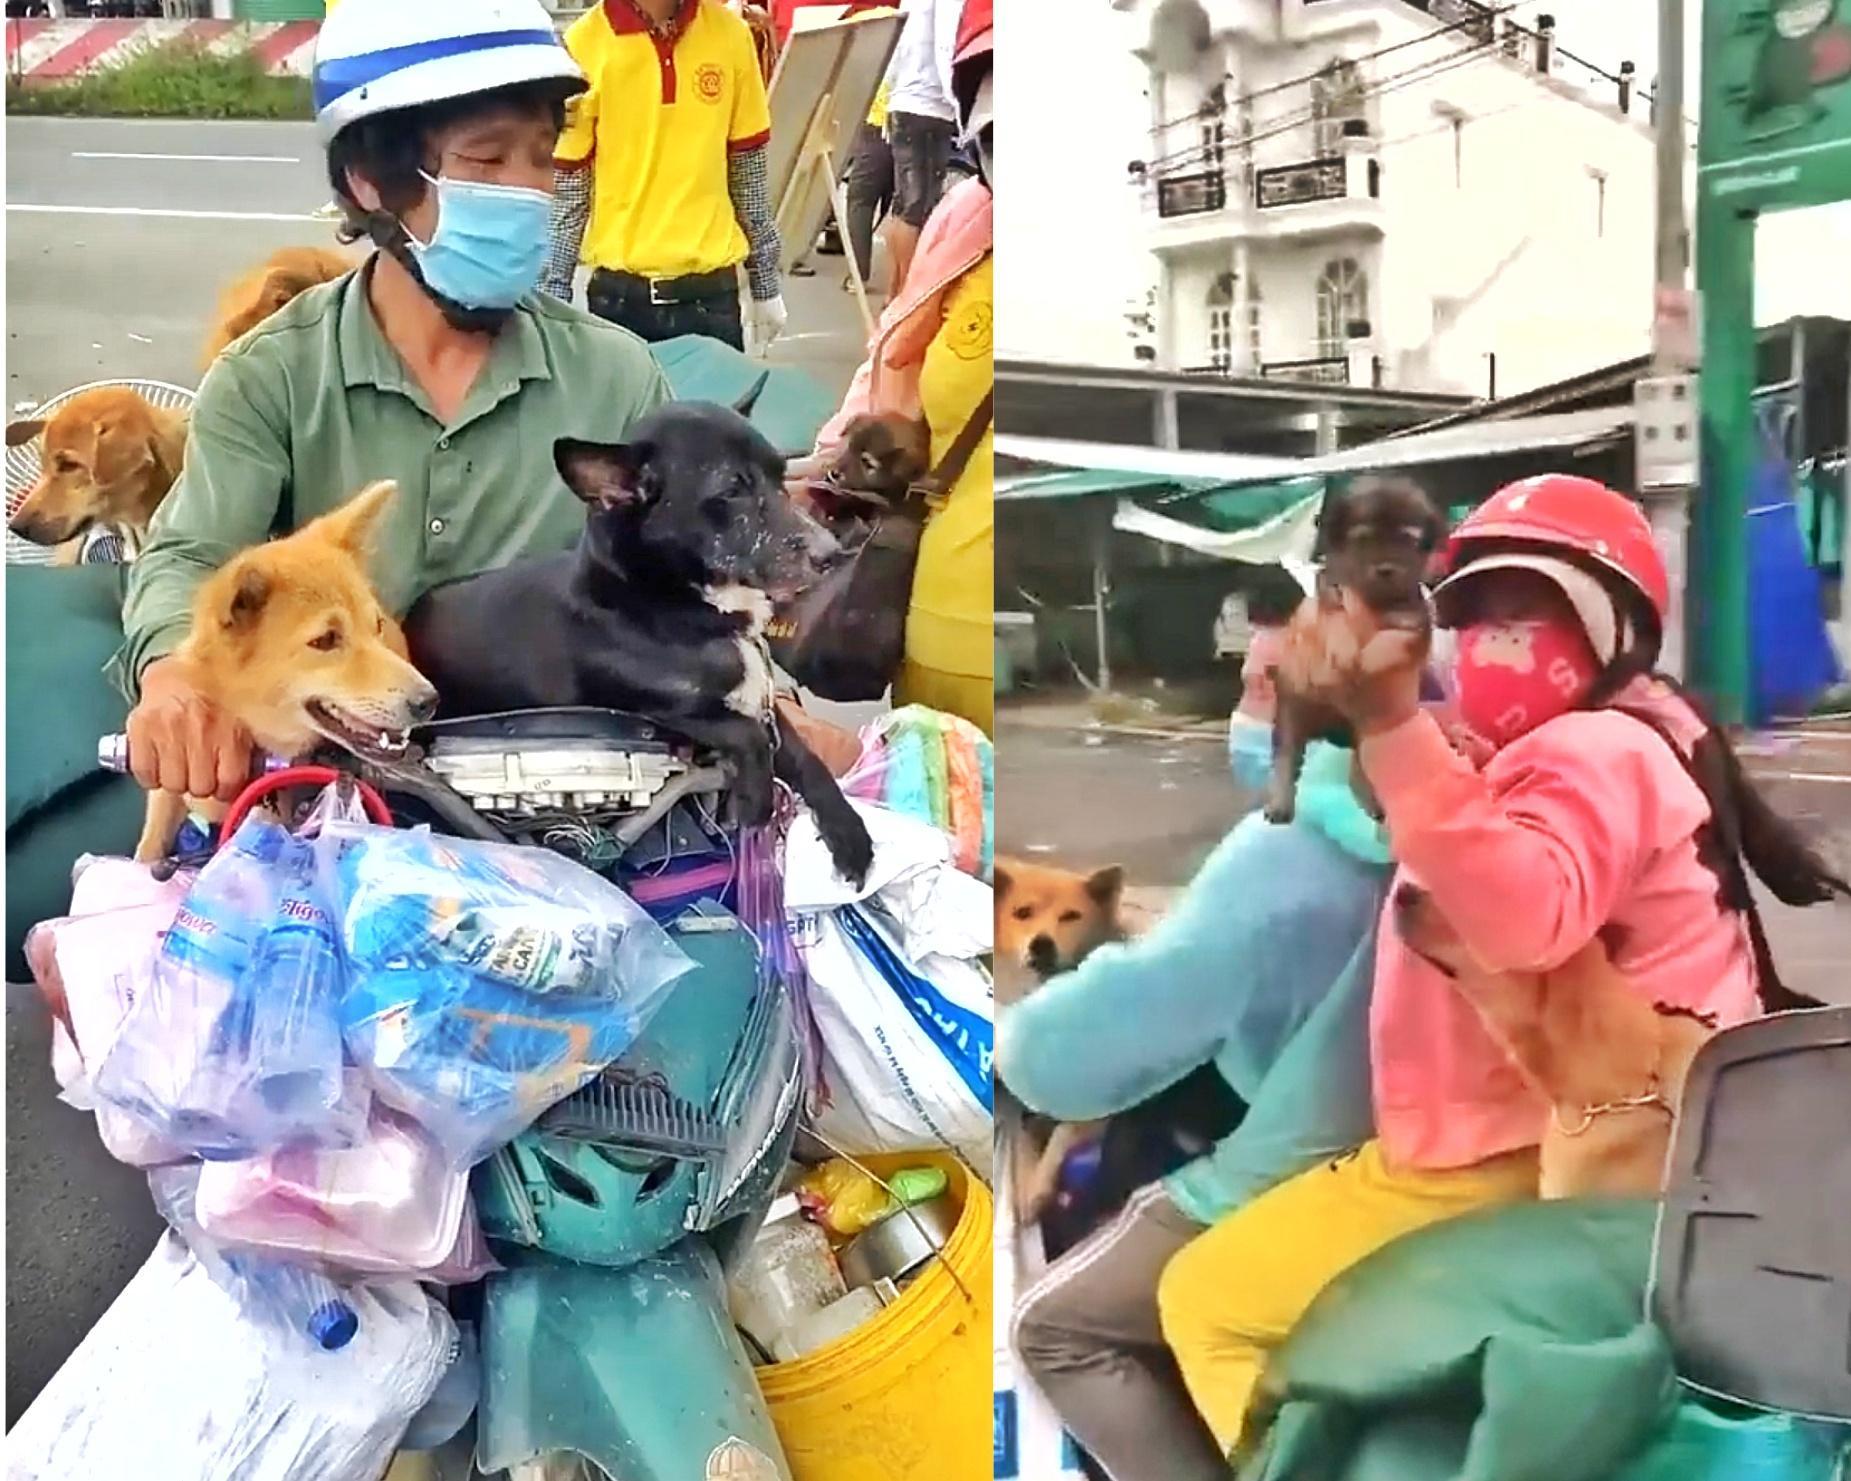 Vụ giết đàn chó ở Cà Mau: dư luận lên án, chính quyền nói 'làm đúng'